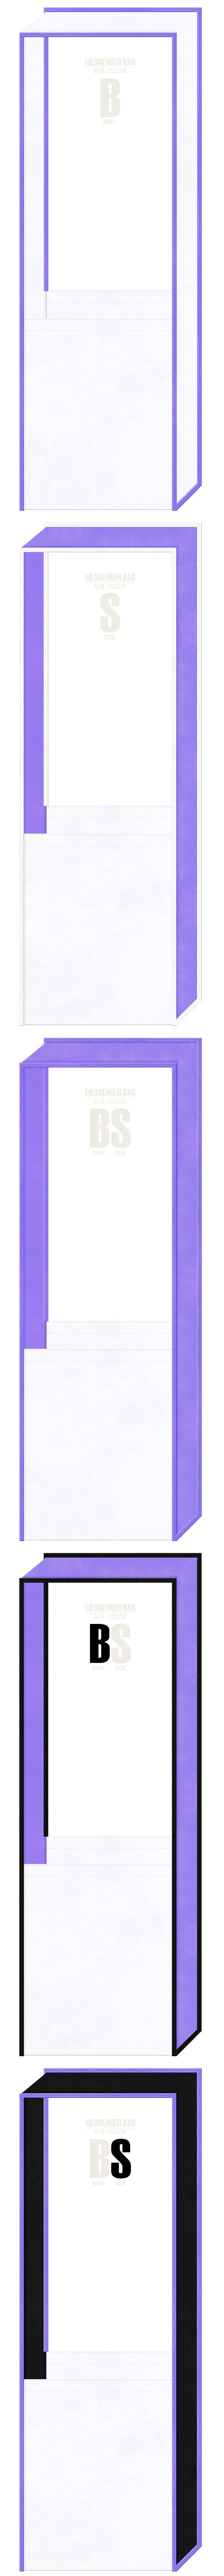 スポーツイベントにお奨め:白色・薄紫色・黒色の3色を使用した、不織布メッセンジャーバッグのデザイン